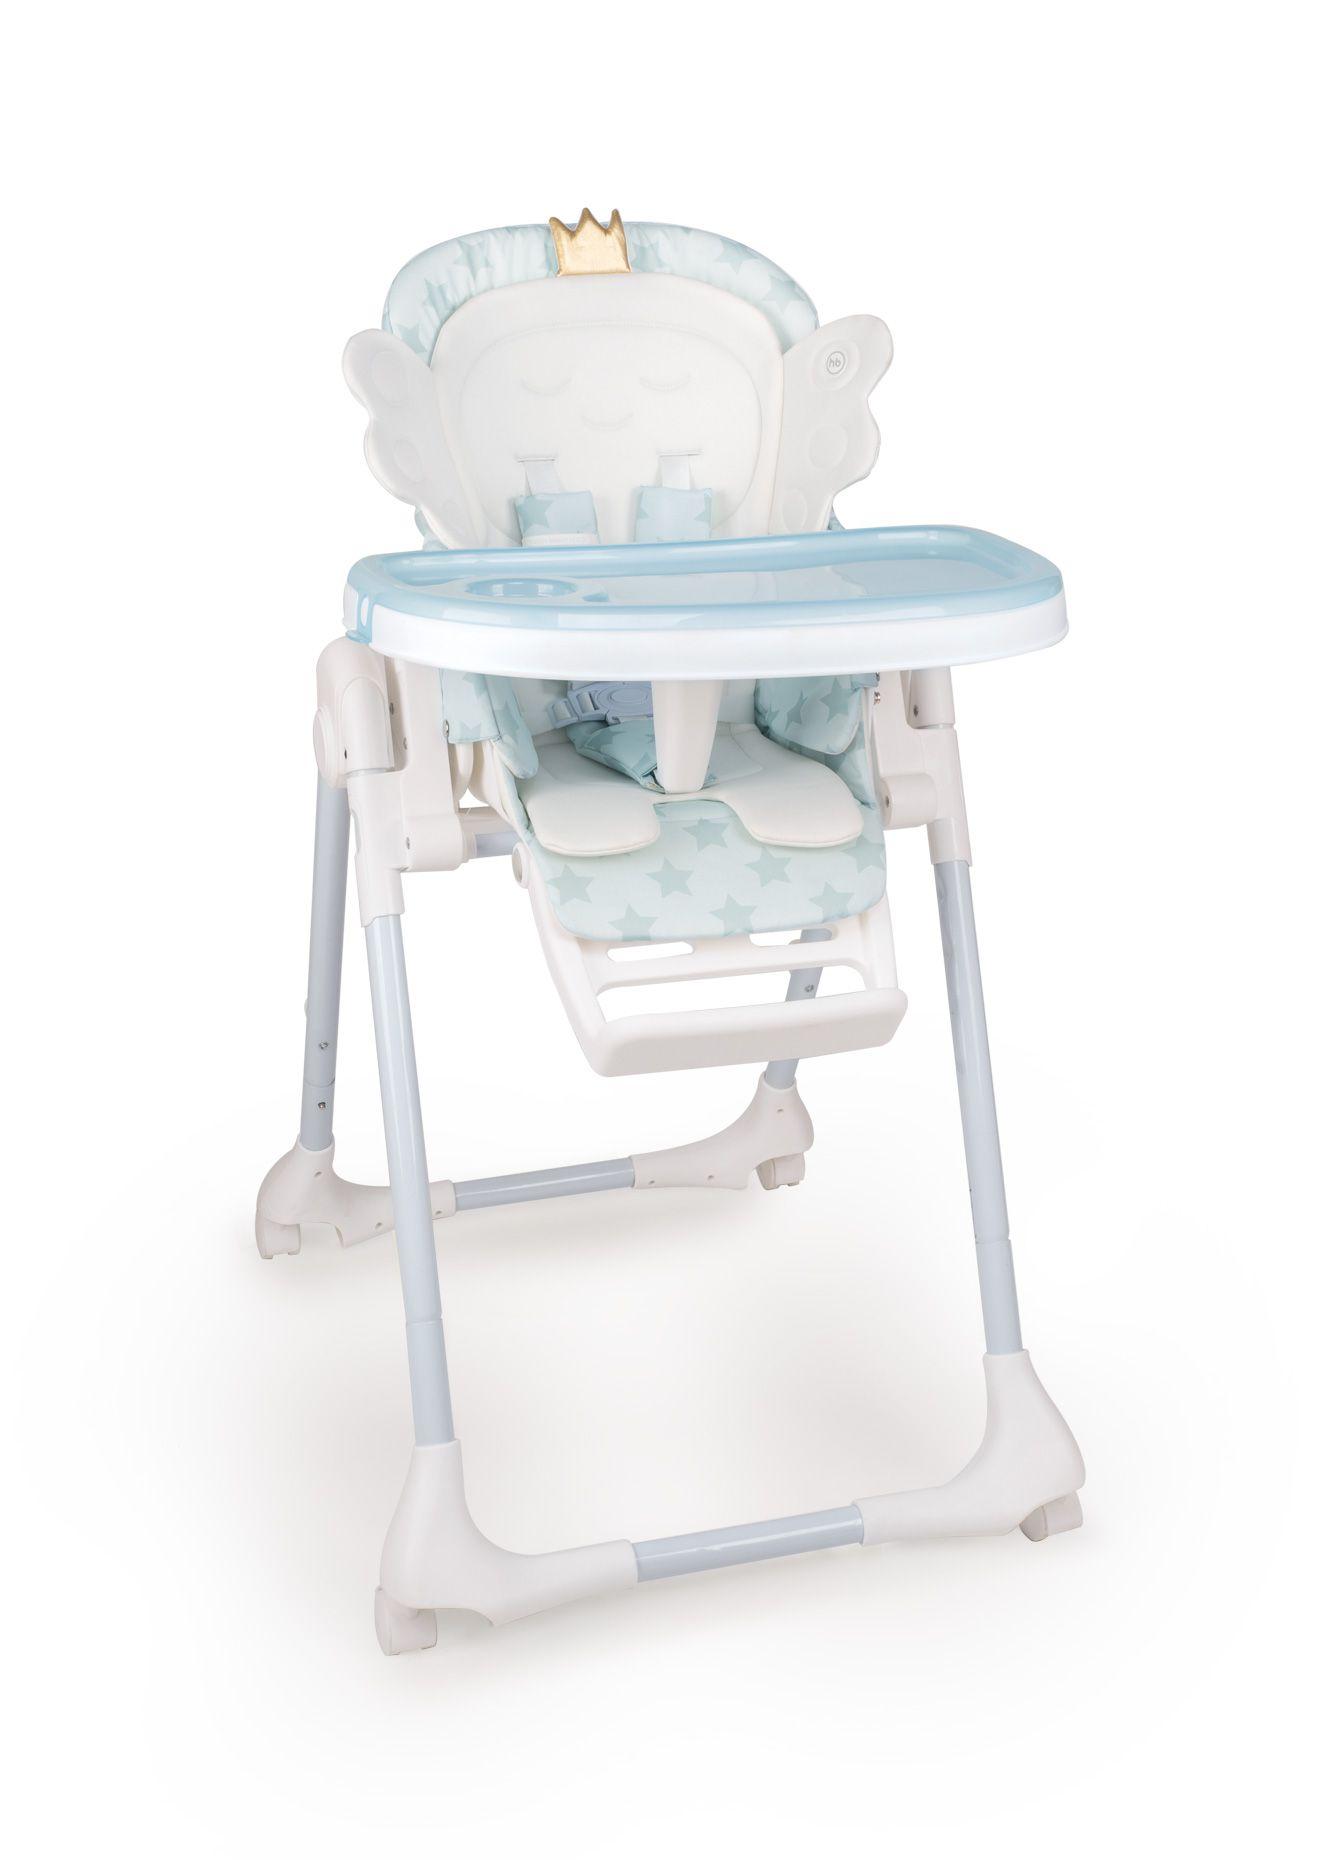 Купить Стульчик для кормления Happy Baby Wingy Sky, Стульчики для кормления